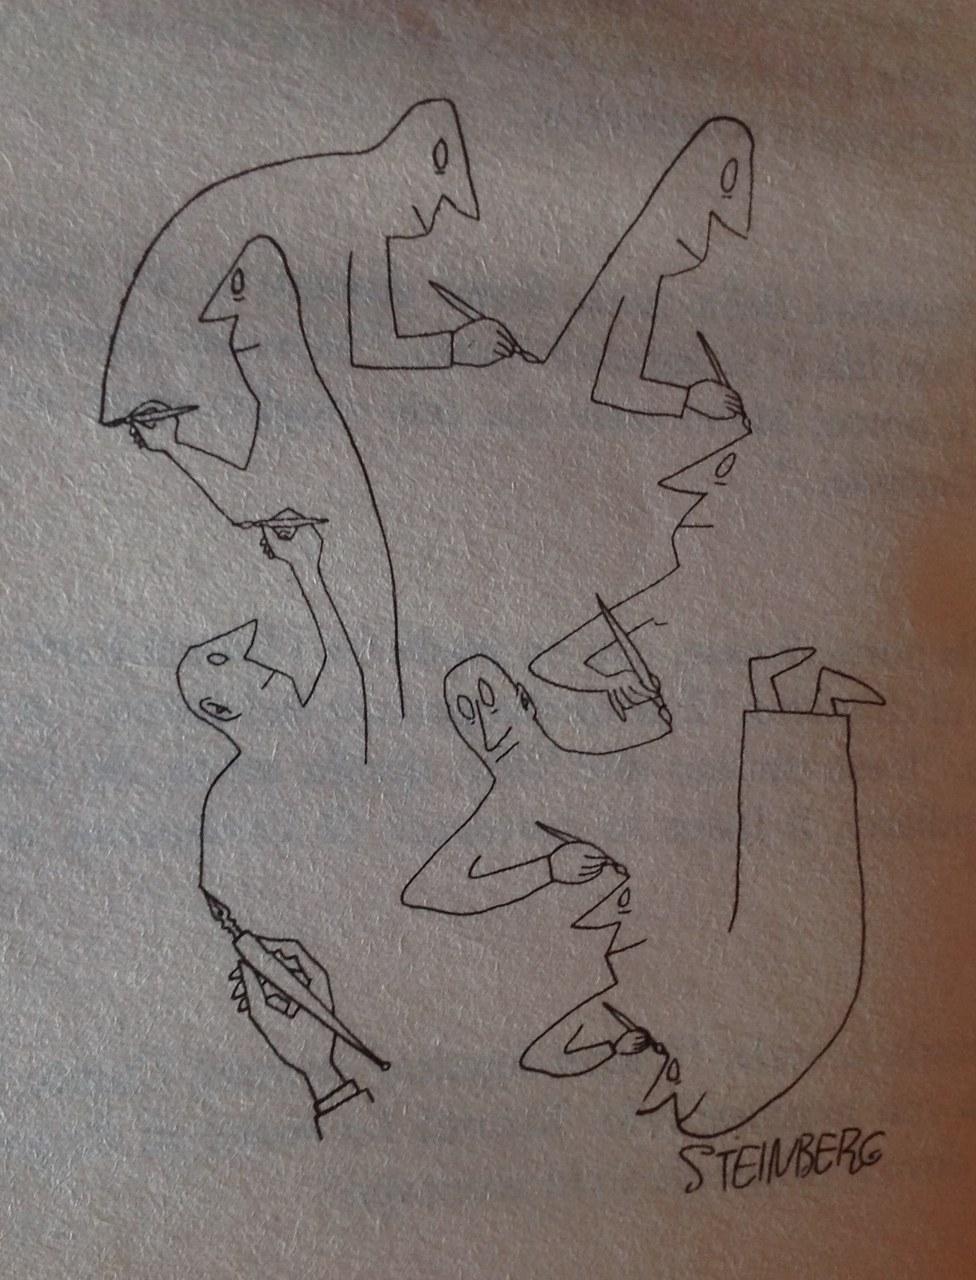 disegno di Saul Steinberg, 1946, in G. Bufalino, Qui pro quo, Milano, Bompiani, 2003